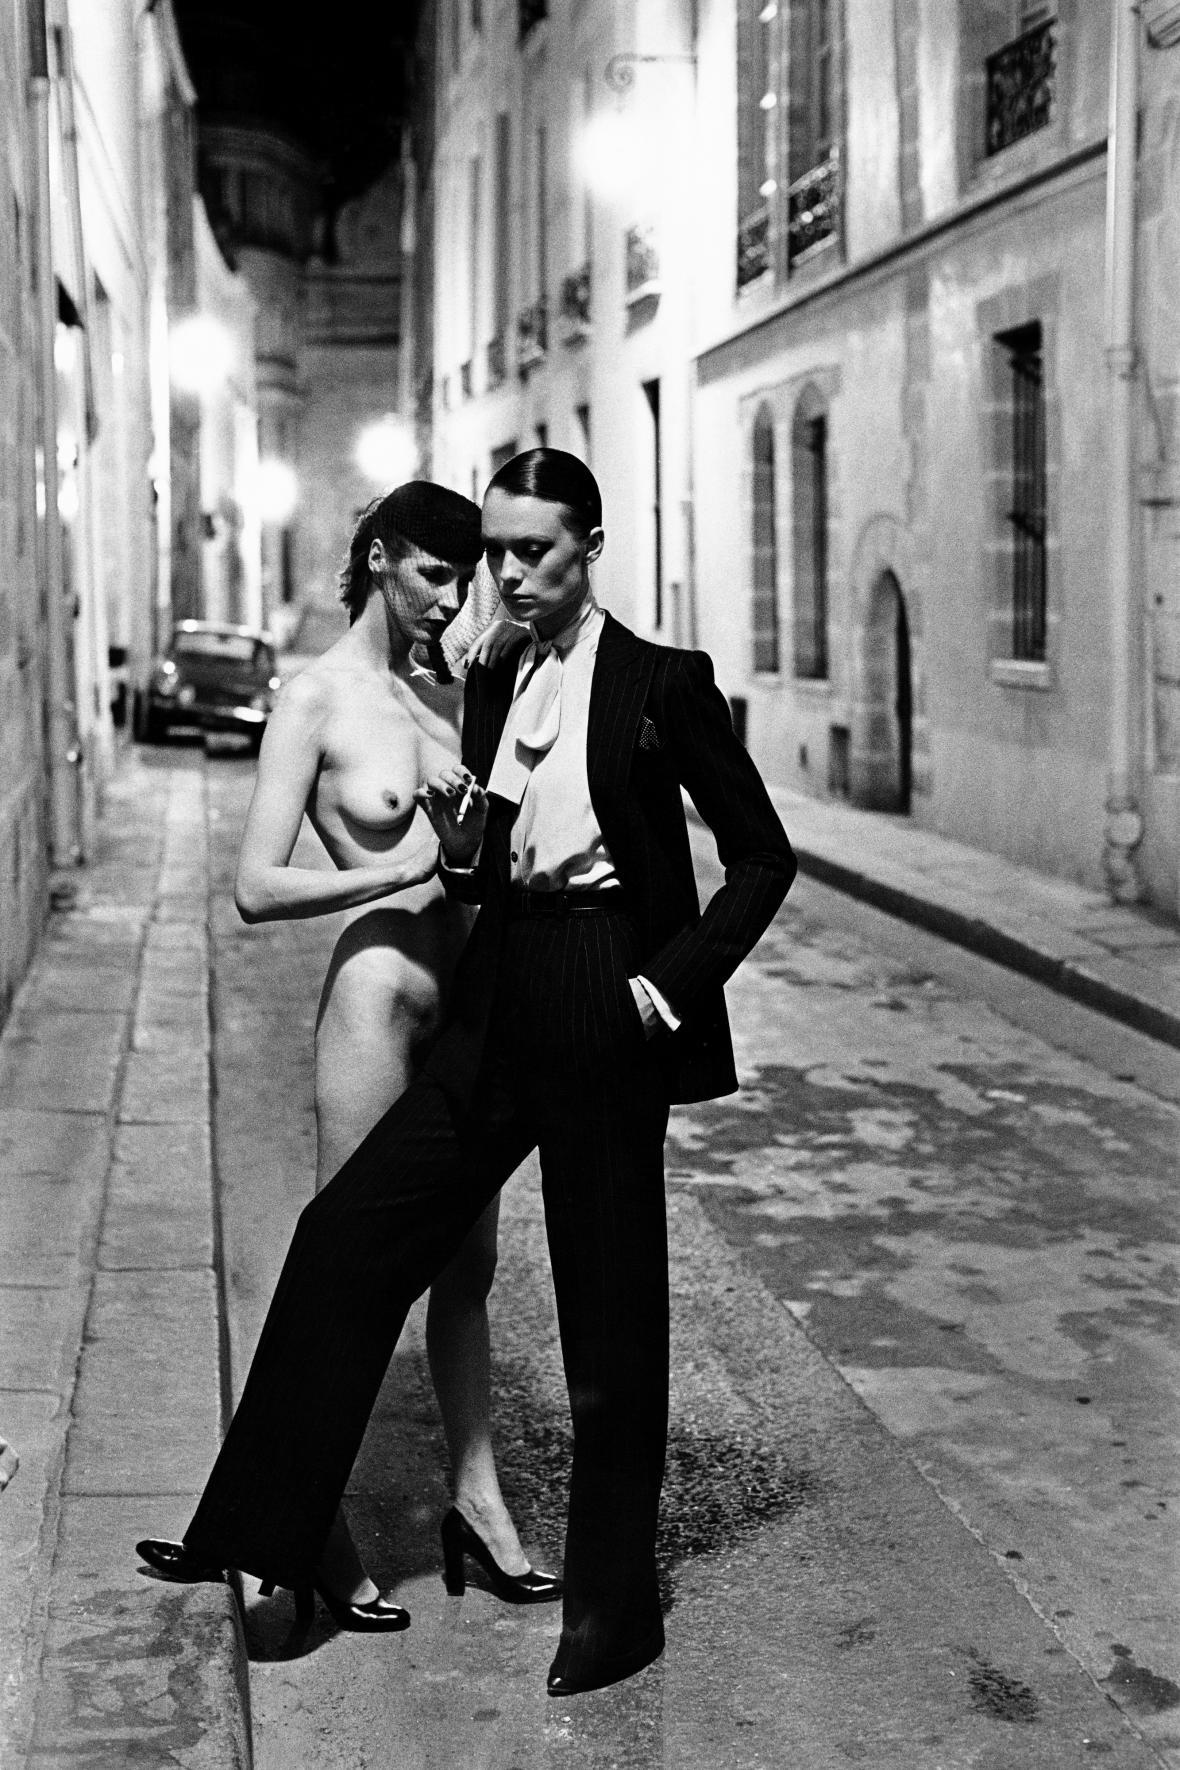 Fotografie pro značku Yves Saint Laurent, Paříž, 1975, (c) Helmut Newton Foundation